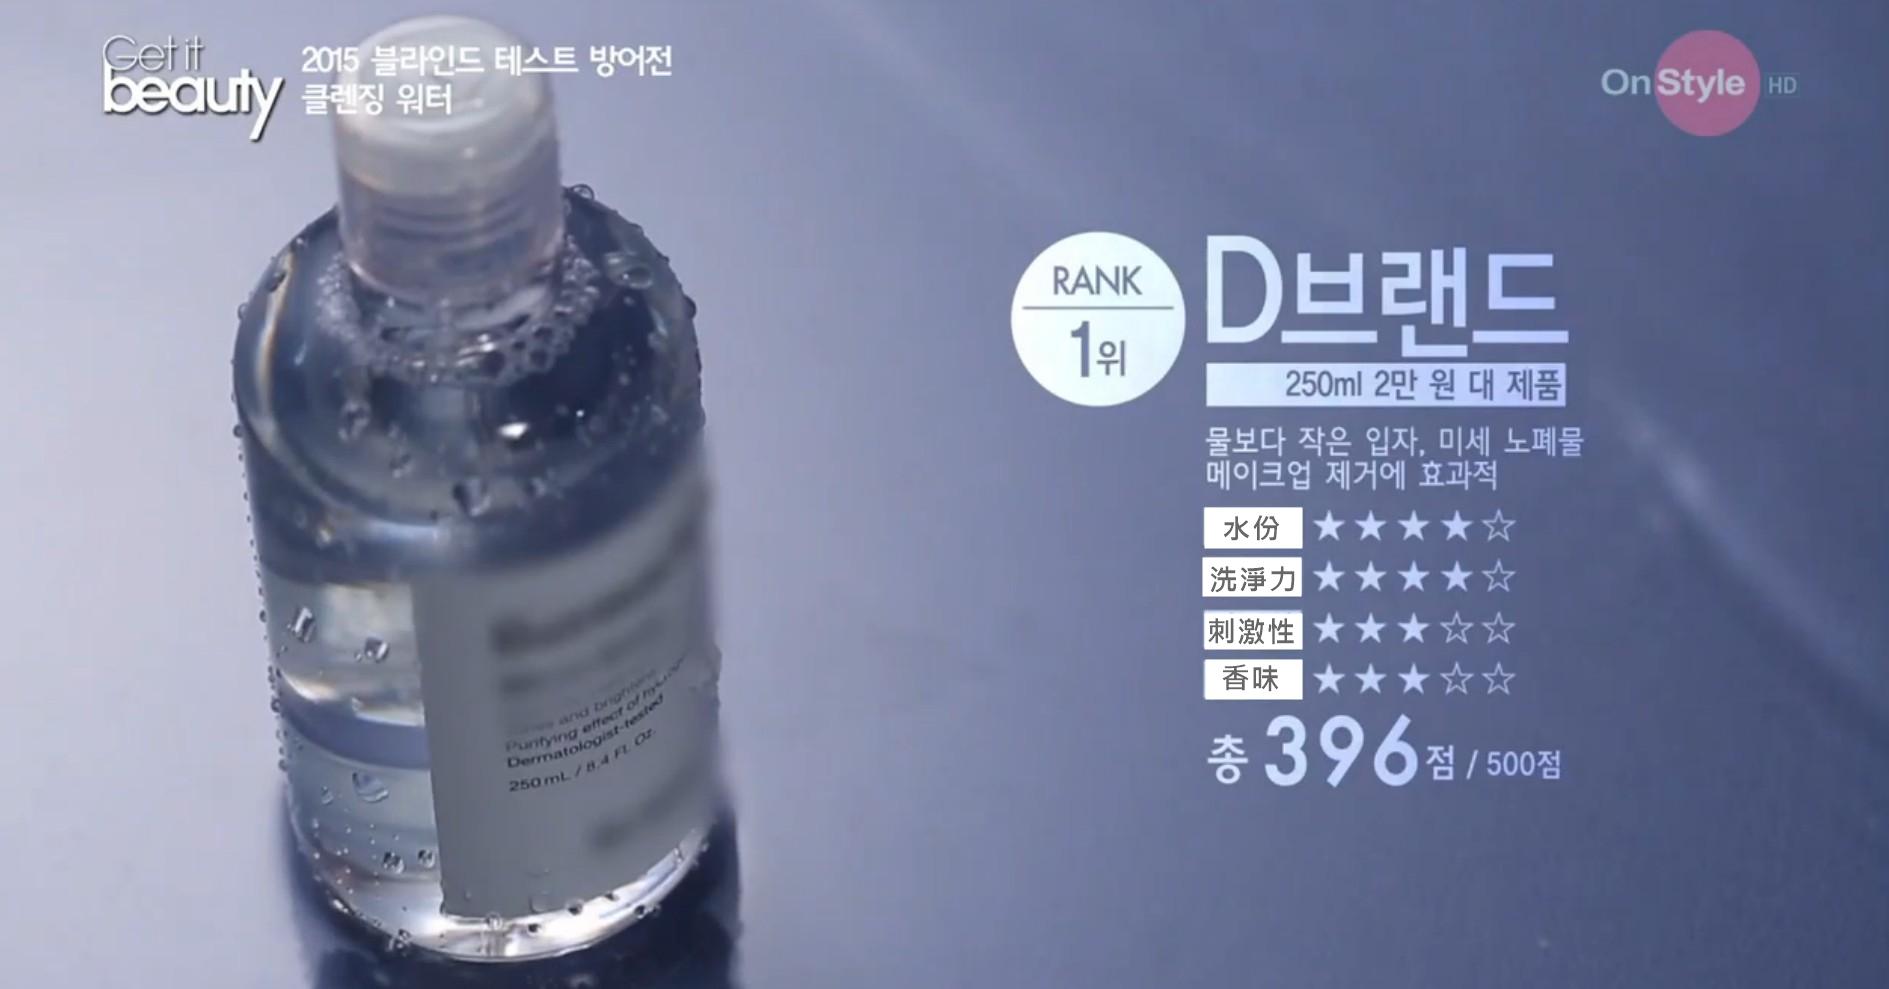 從500分裡拿下396高分的Dr.Jart+ 是韓國的專業醫美品牌,這款卸妝水中因為富含比水還要微小的礦物質,能夠有效清潔殘妝裡的細小廢物,保濕力也很強,之前還賣到缺貨說~